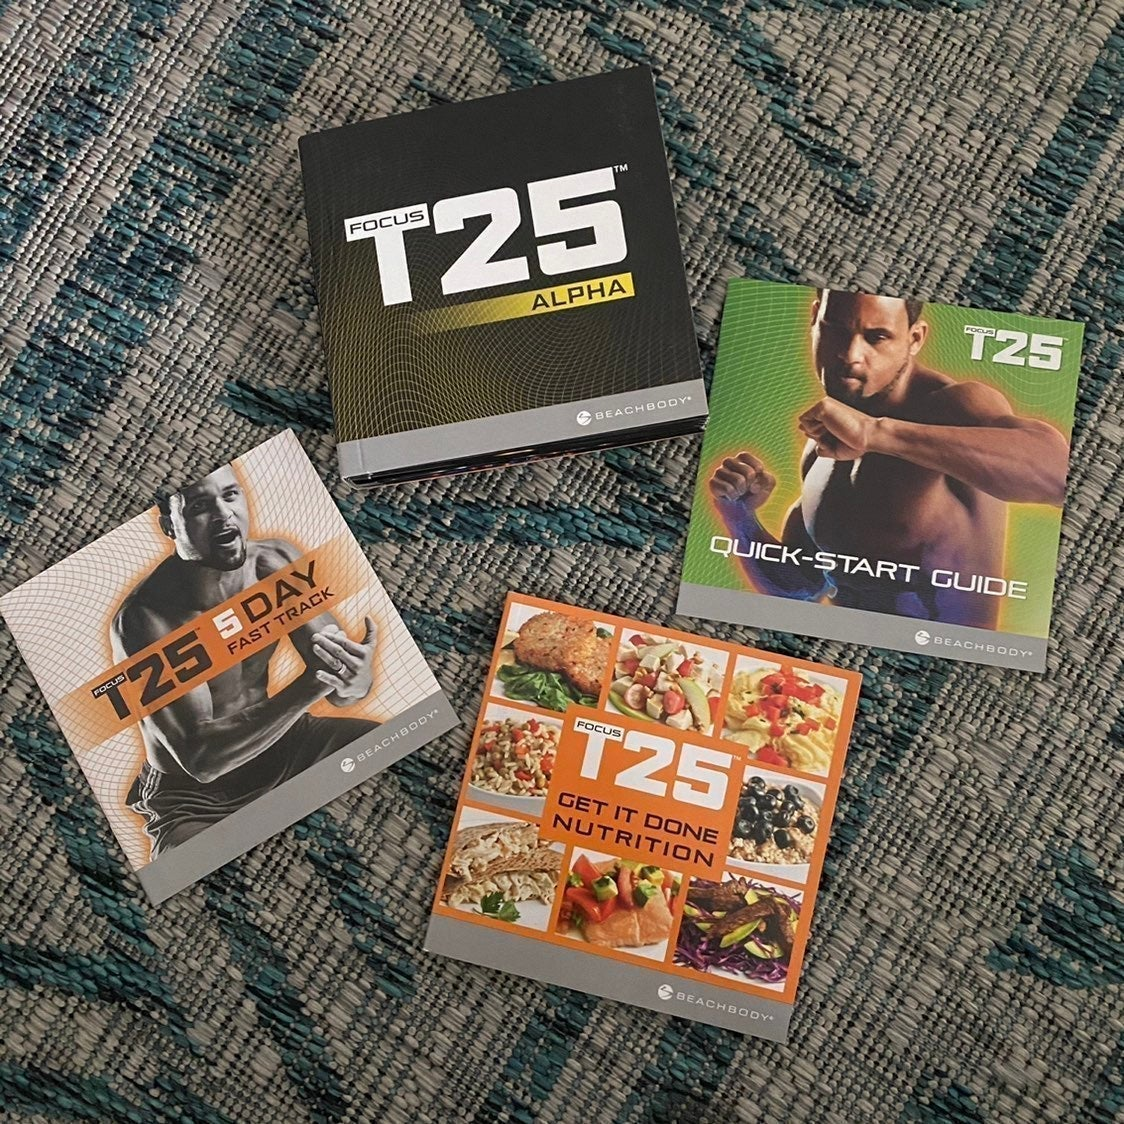 T25 DVD Workout set